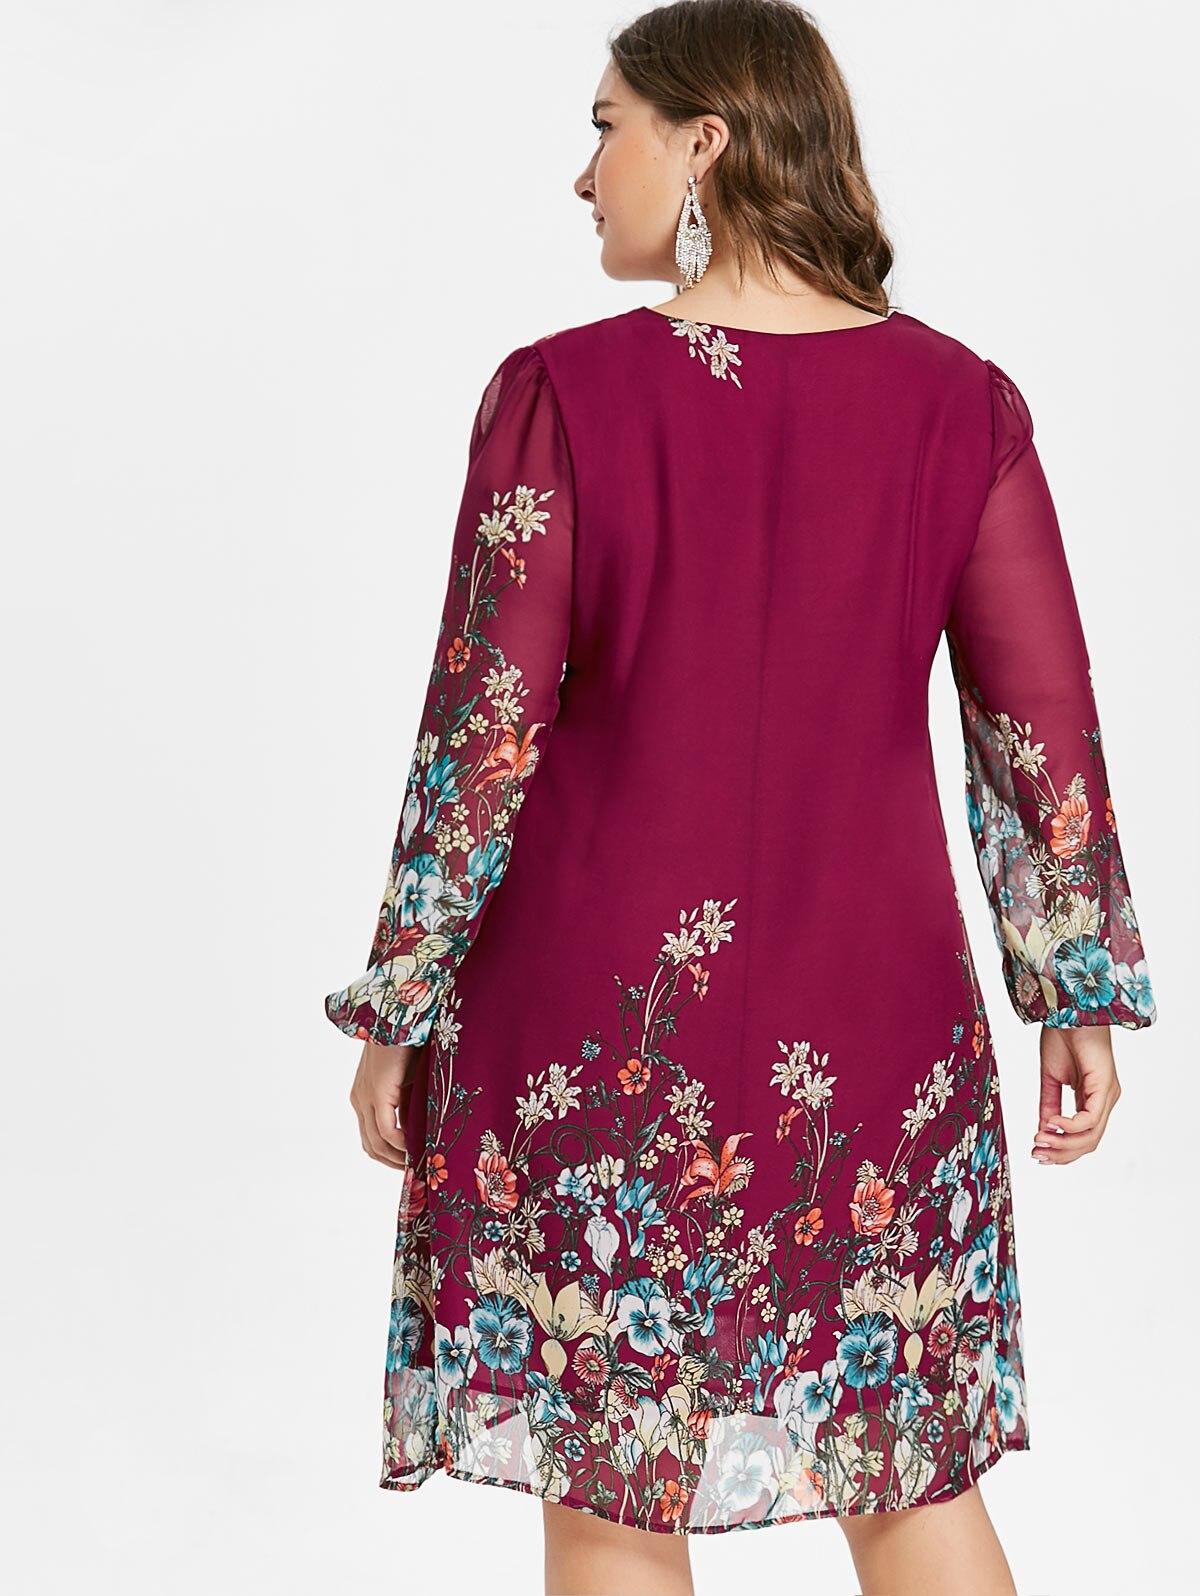 Robe grande taille à manches longues en mousseline de soie rose dos